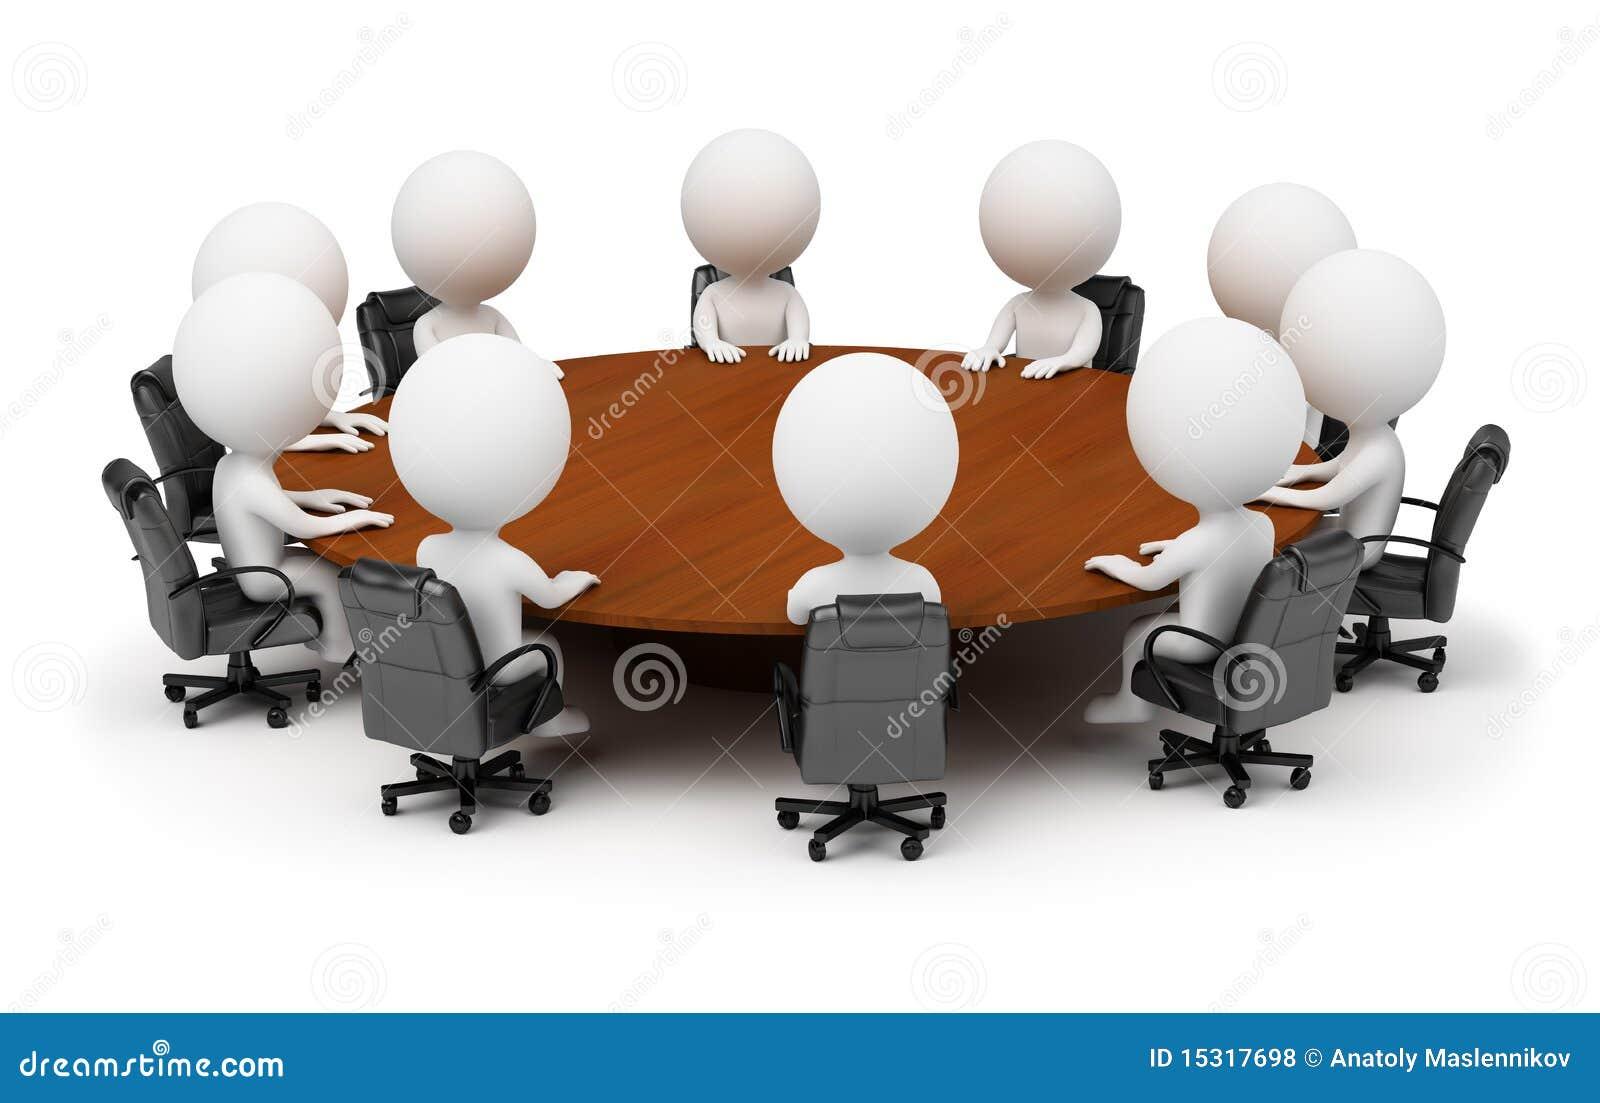 3d pequeña gente - sesión detrás de una mesa redonda